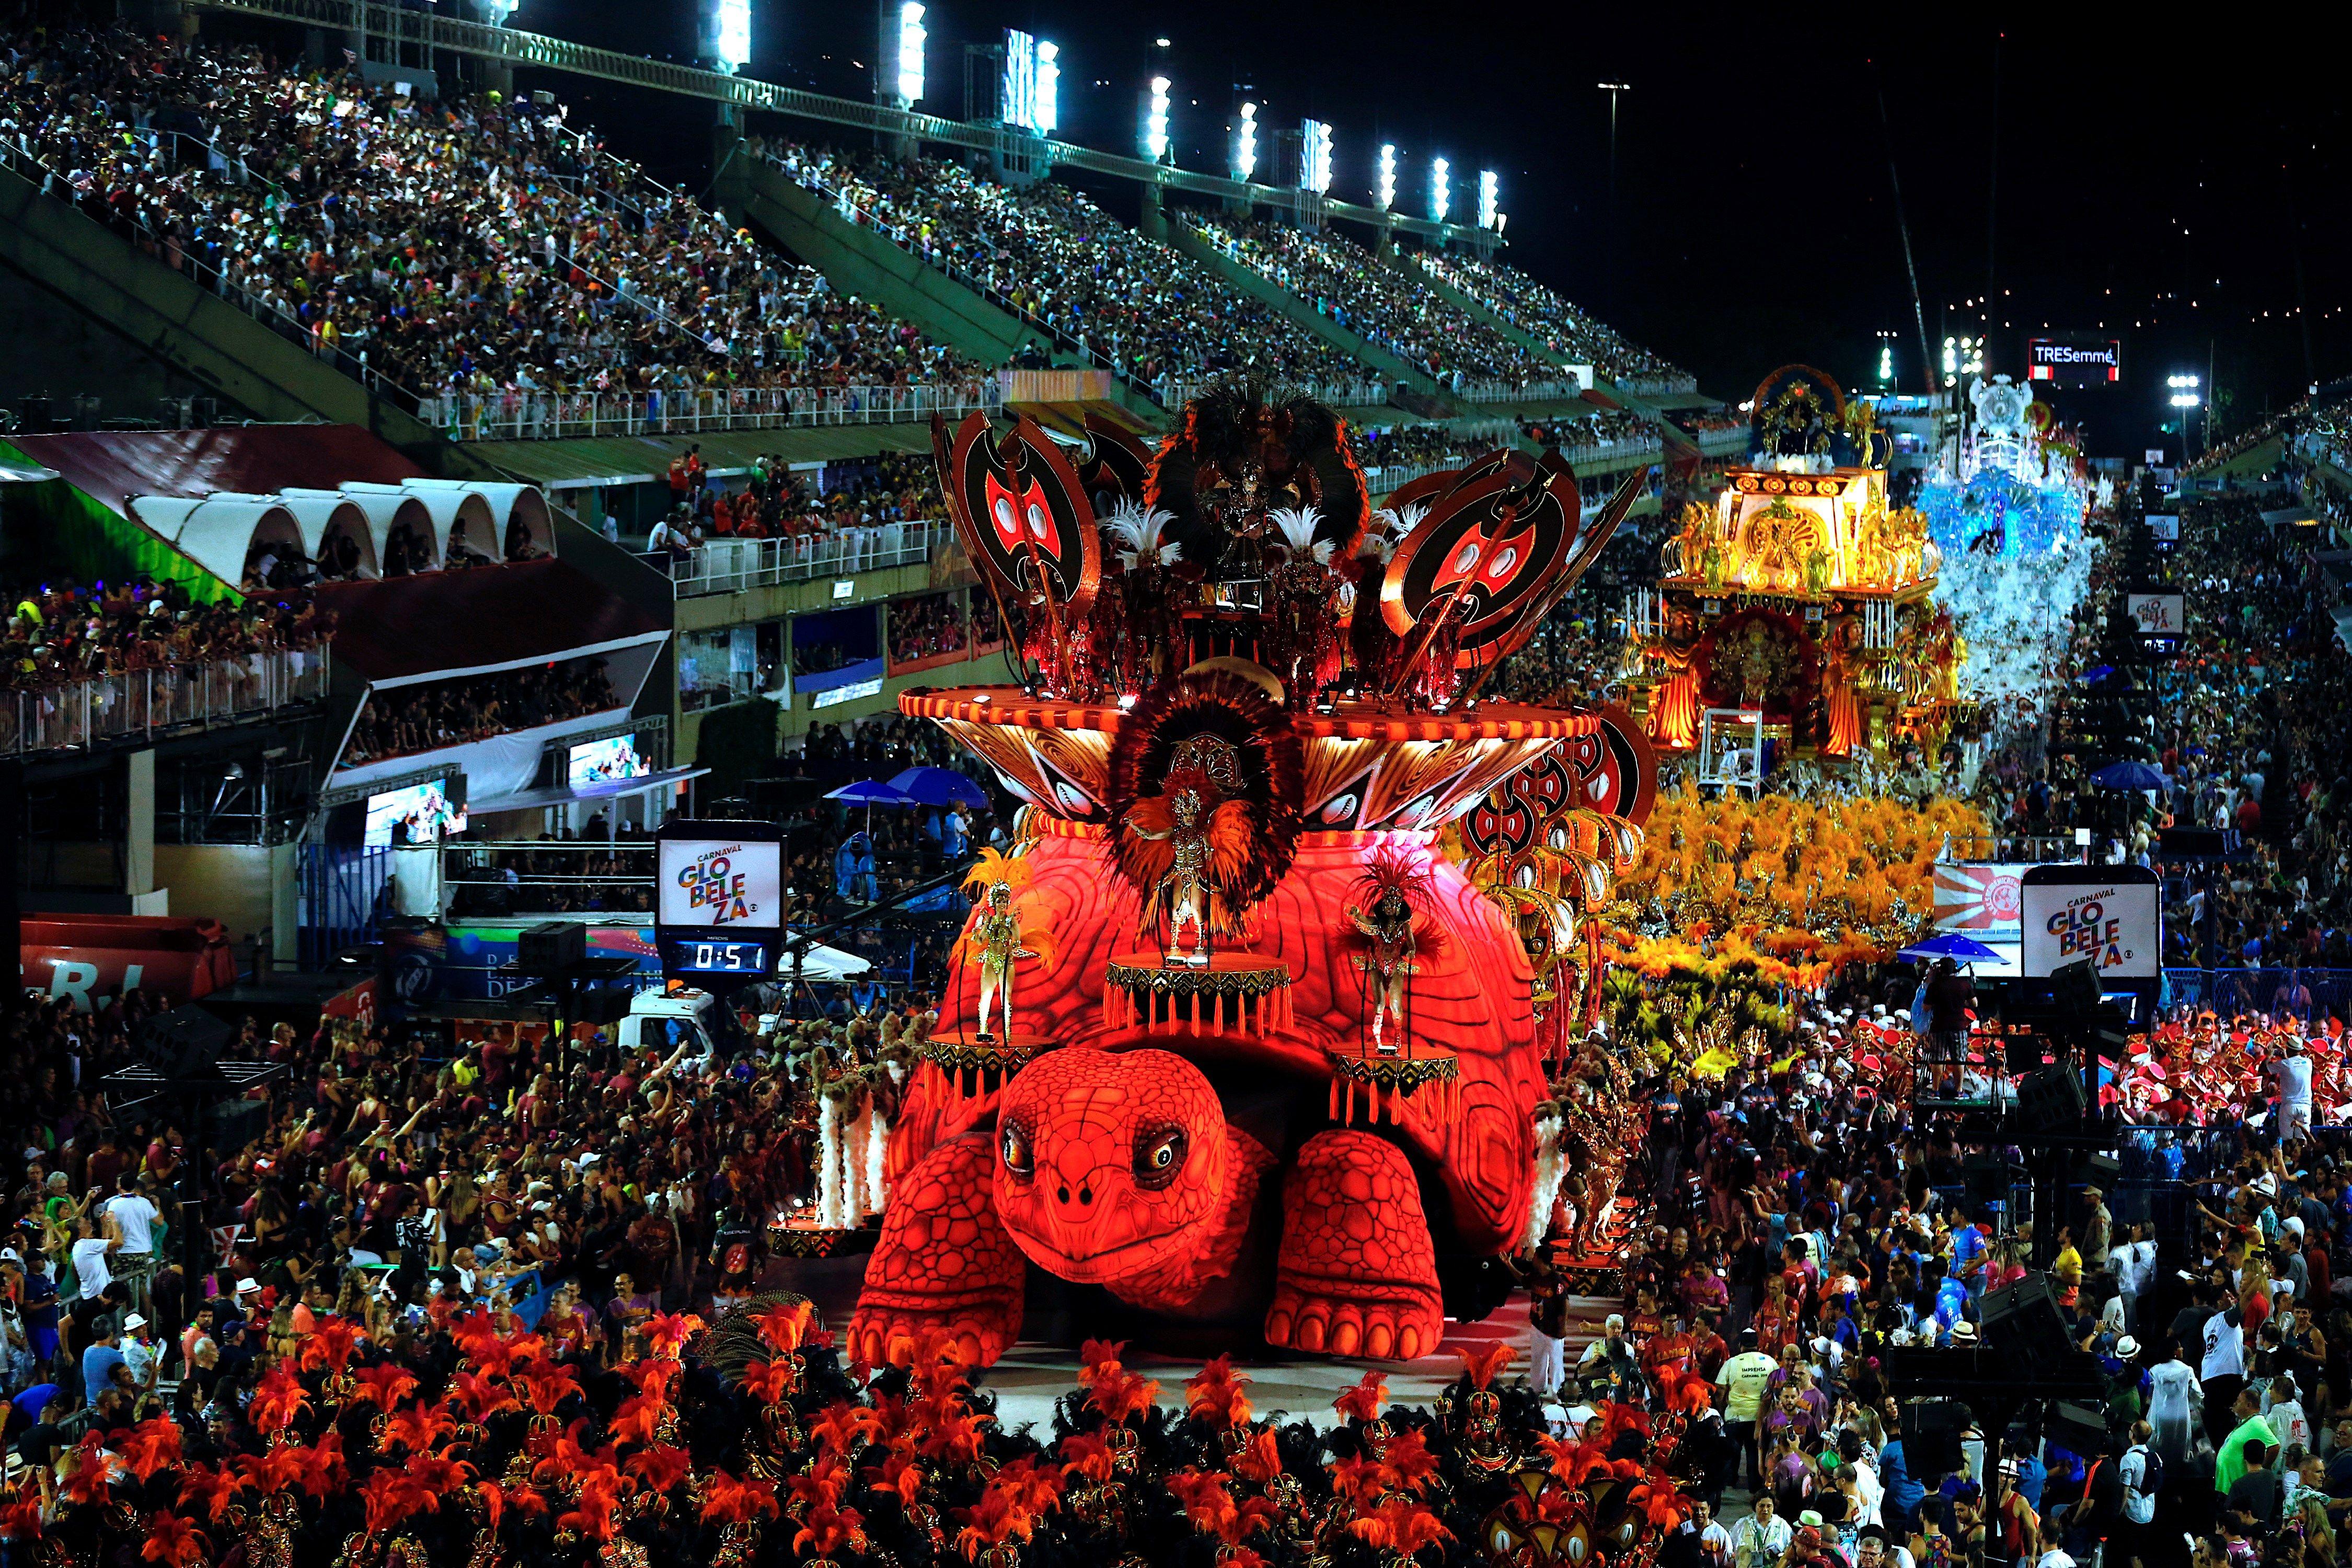 El carnaval nunca tuvo olor de santidad en el país con más católicos del mundo, que en las últimas décadas se ha convertido también en un bastión de las iglesias pentecostales